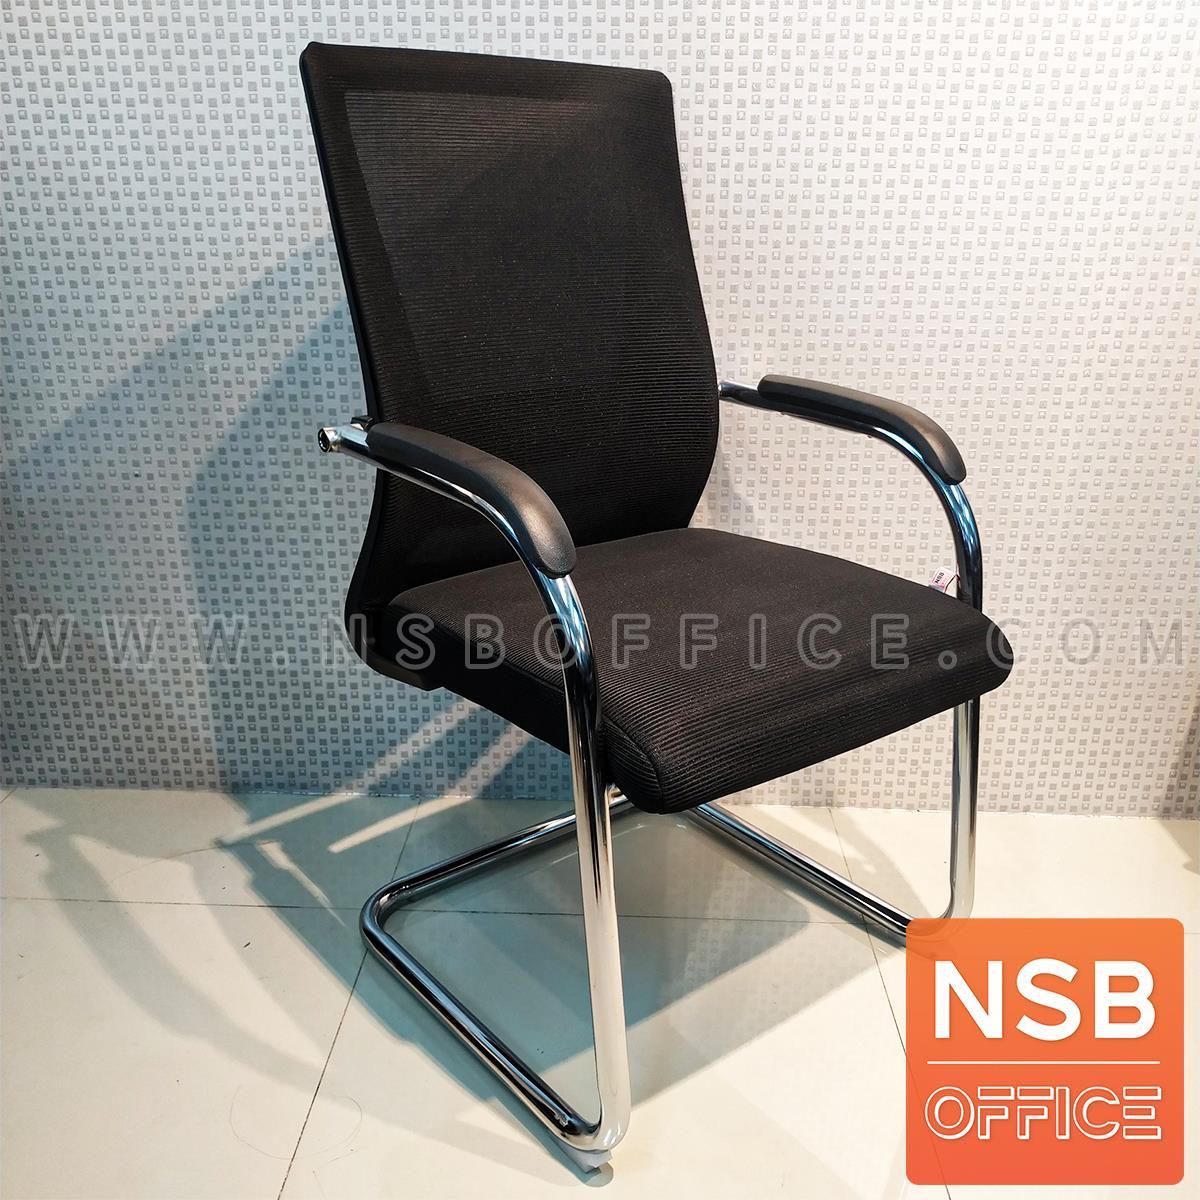 B04A204:เก้าอี้รับแขกหลังเน็ต รุ่น Cheby (เชบบี้)  ขาเหล็กชุบโครเมี่ยม